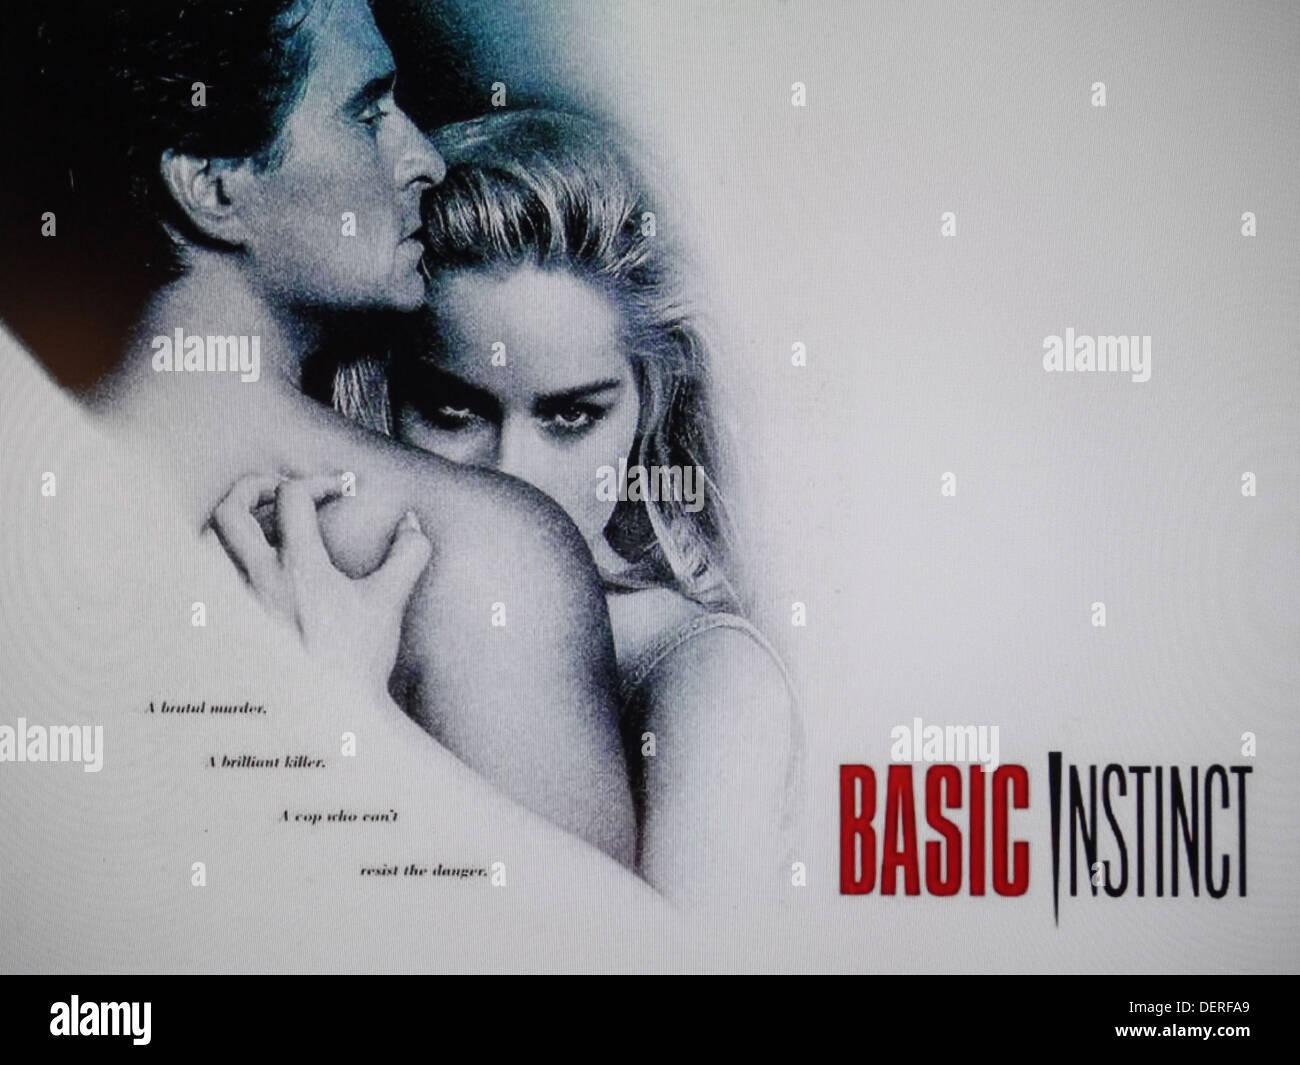 Basic Instinct Film Stockbild